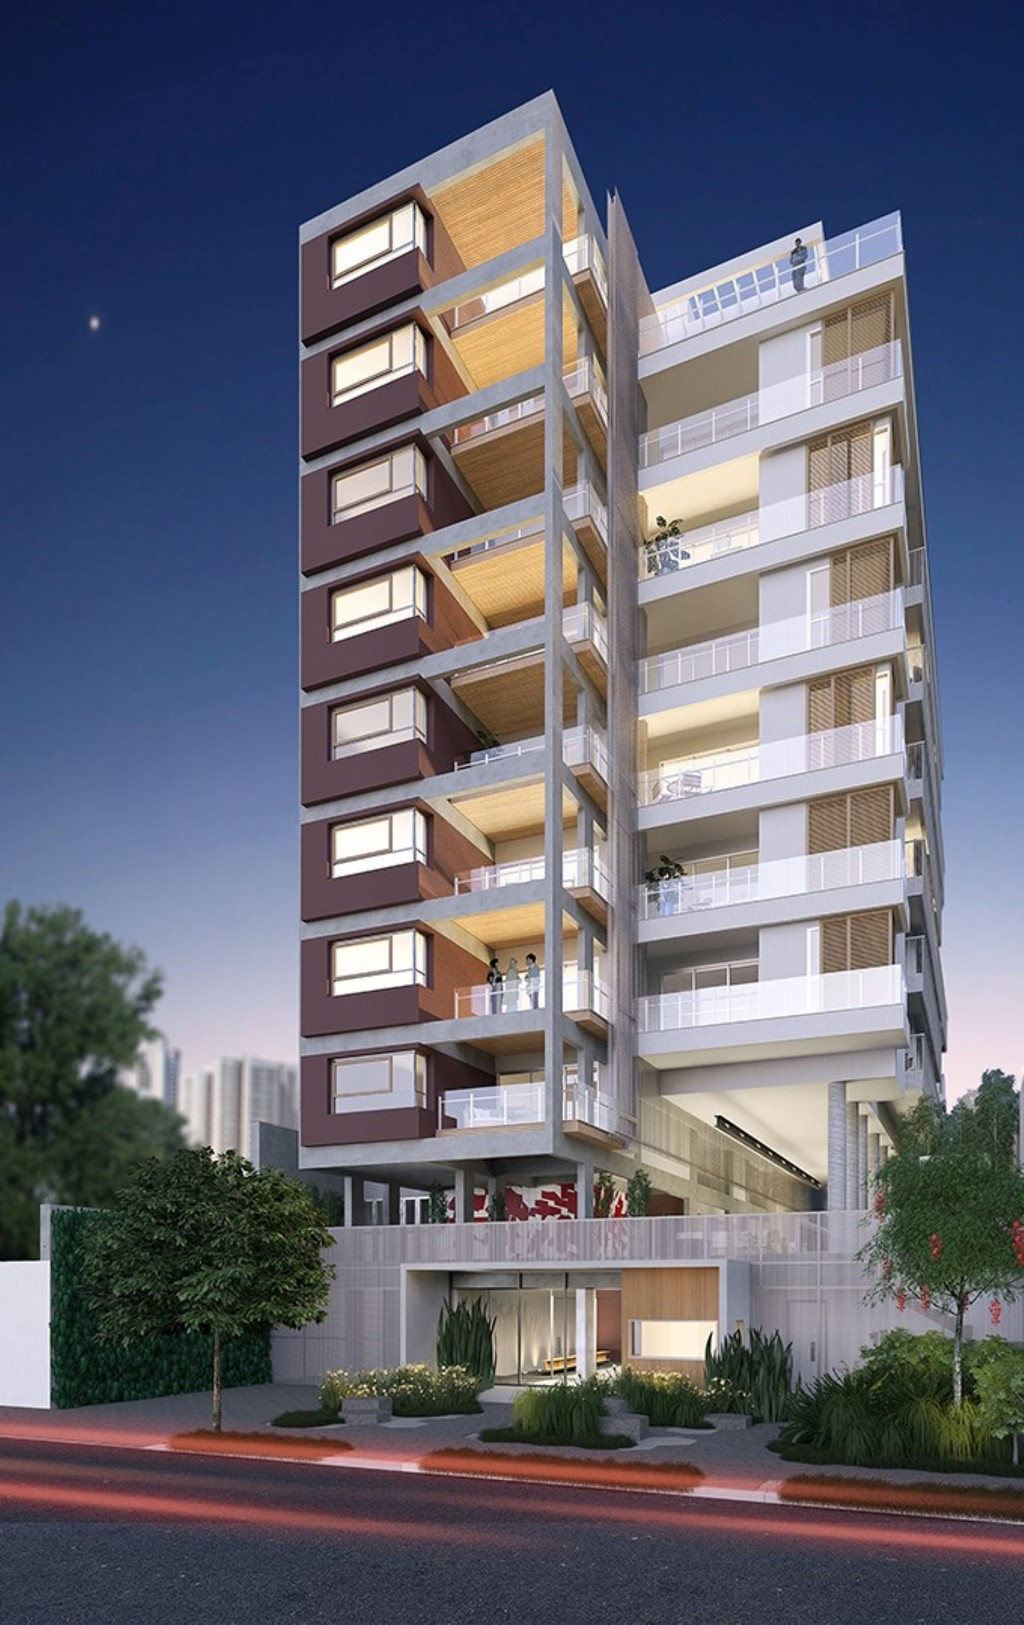 Loft residencial para venda, Vila Madalena, São Paulo - LF29.